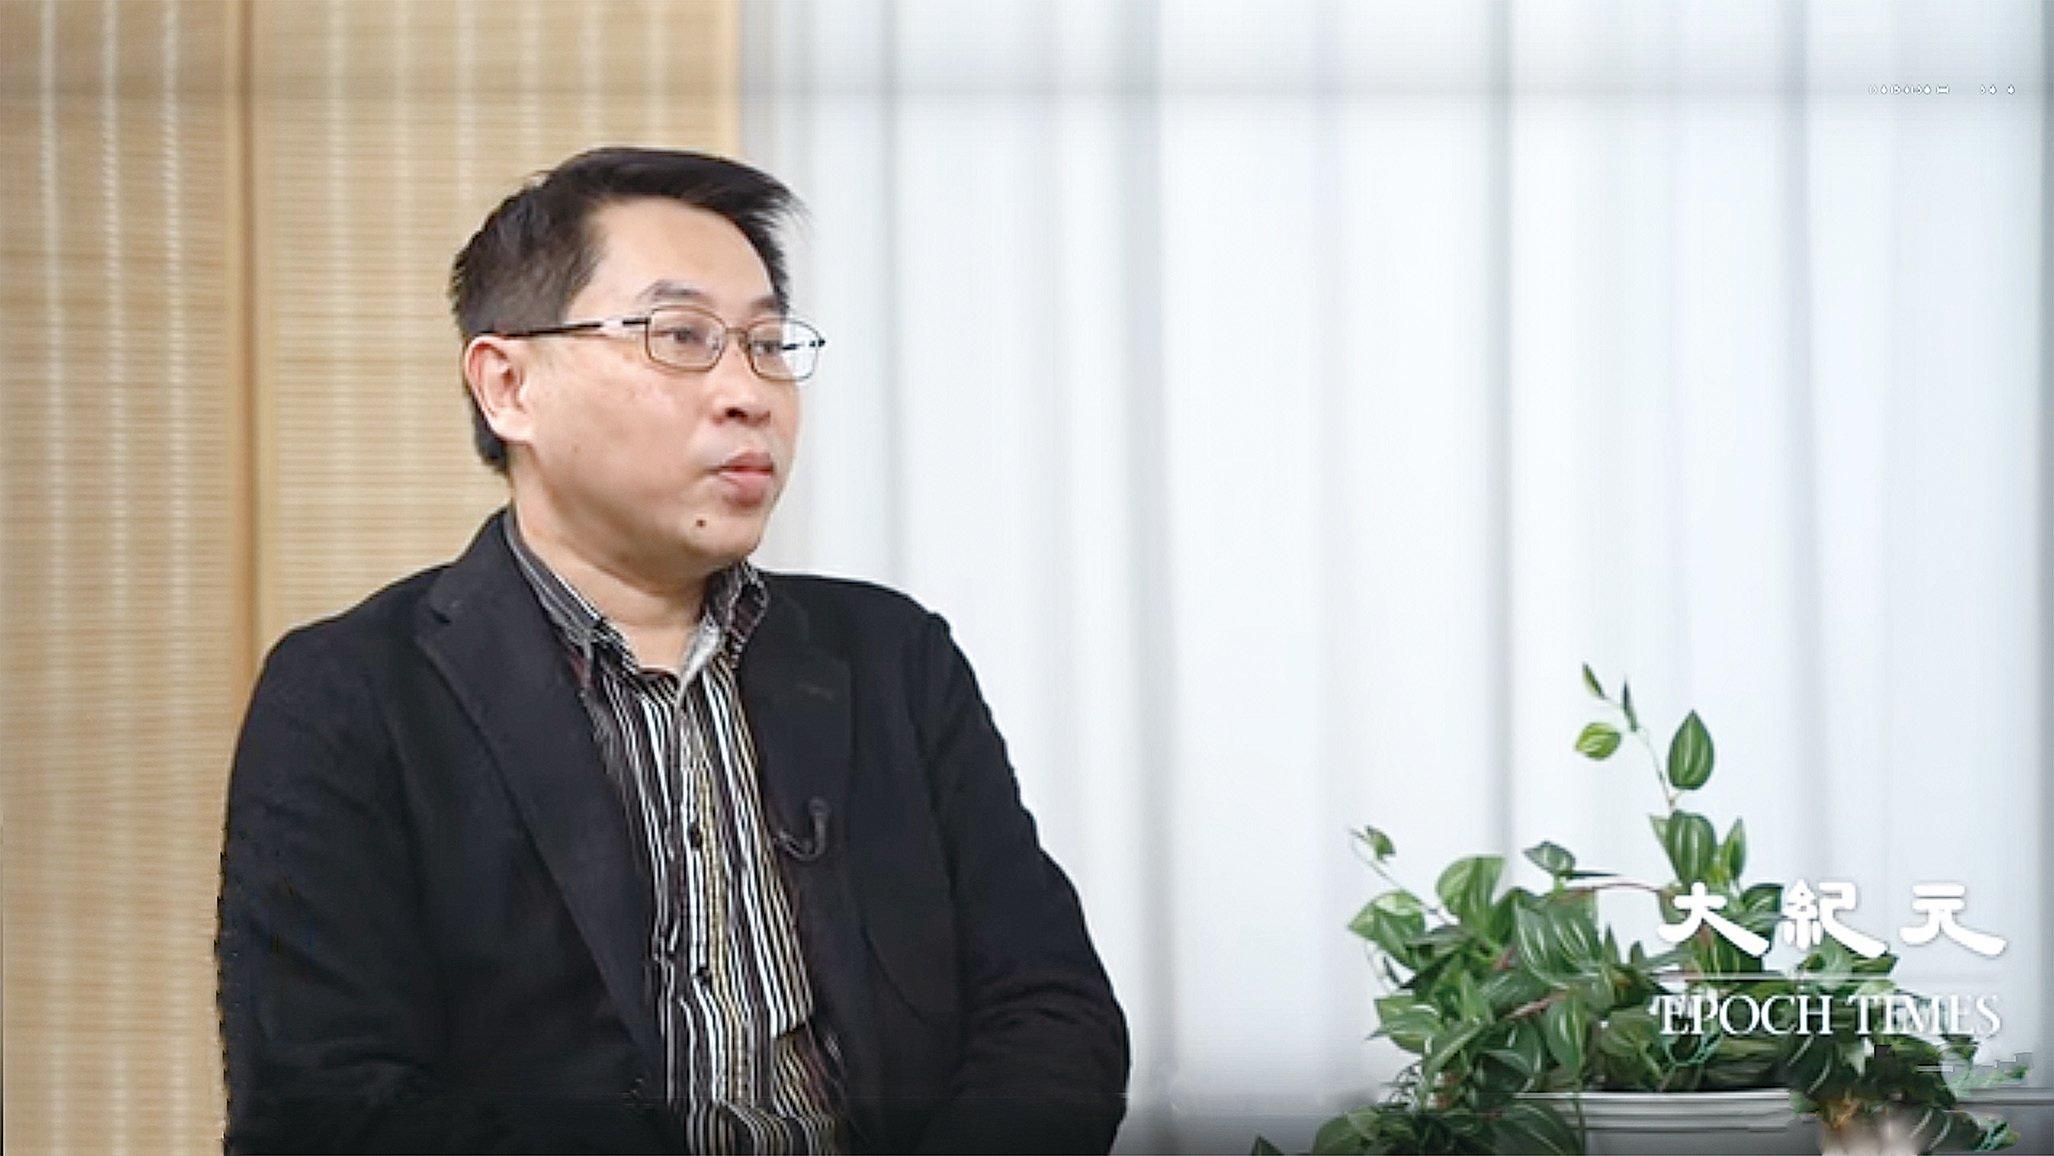 香港中文大學公共政策研究所副主任及政治與行政學系副教授黃偉豪表示,反送中運動令中共權威掃地,武漢肺炎疫情衝擊中共體制的不合法性。(影片截圖)